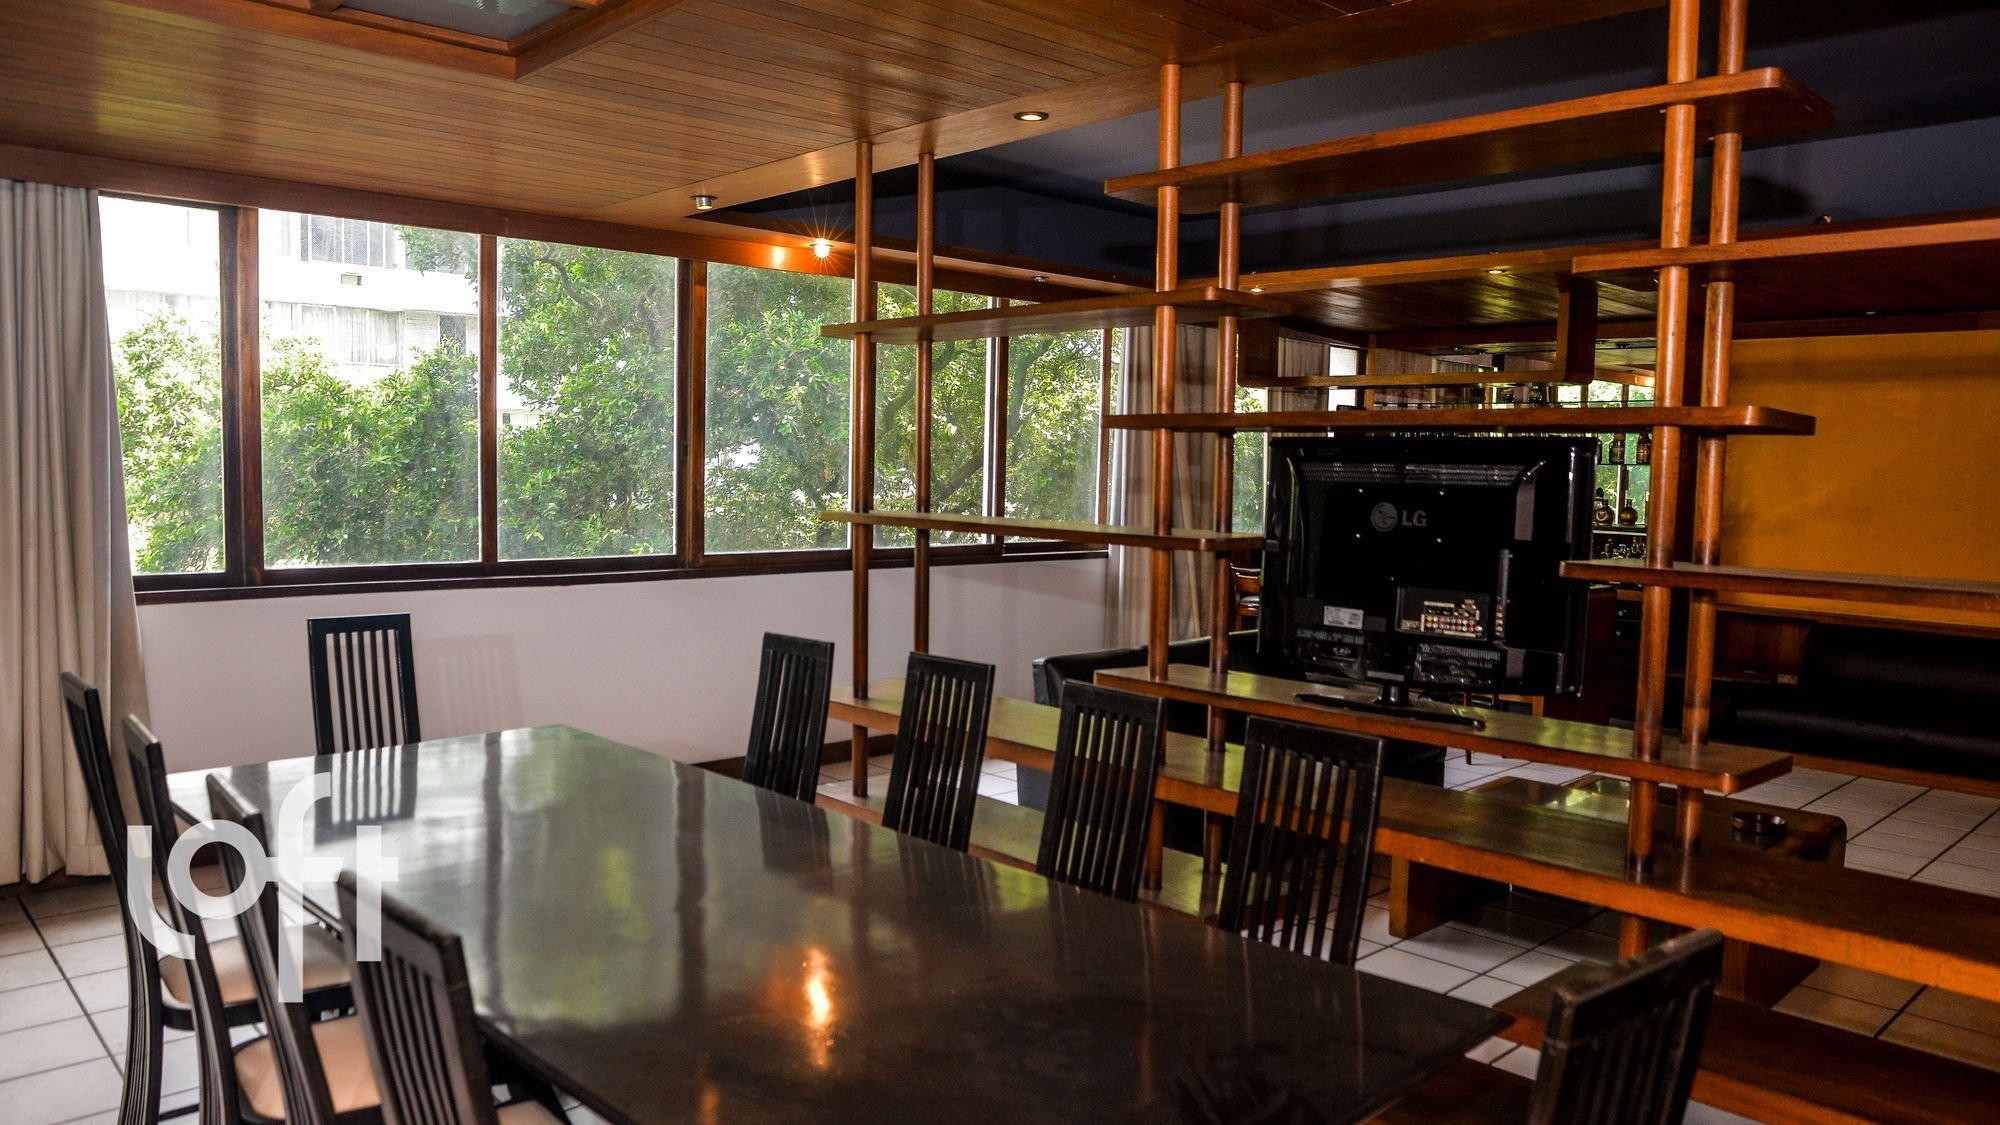 Nesta foto há televisão, cadeira, mesa de jantar